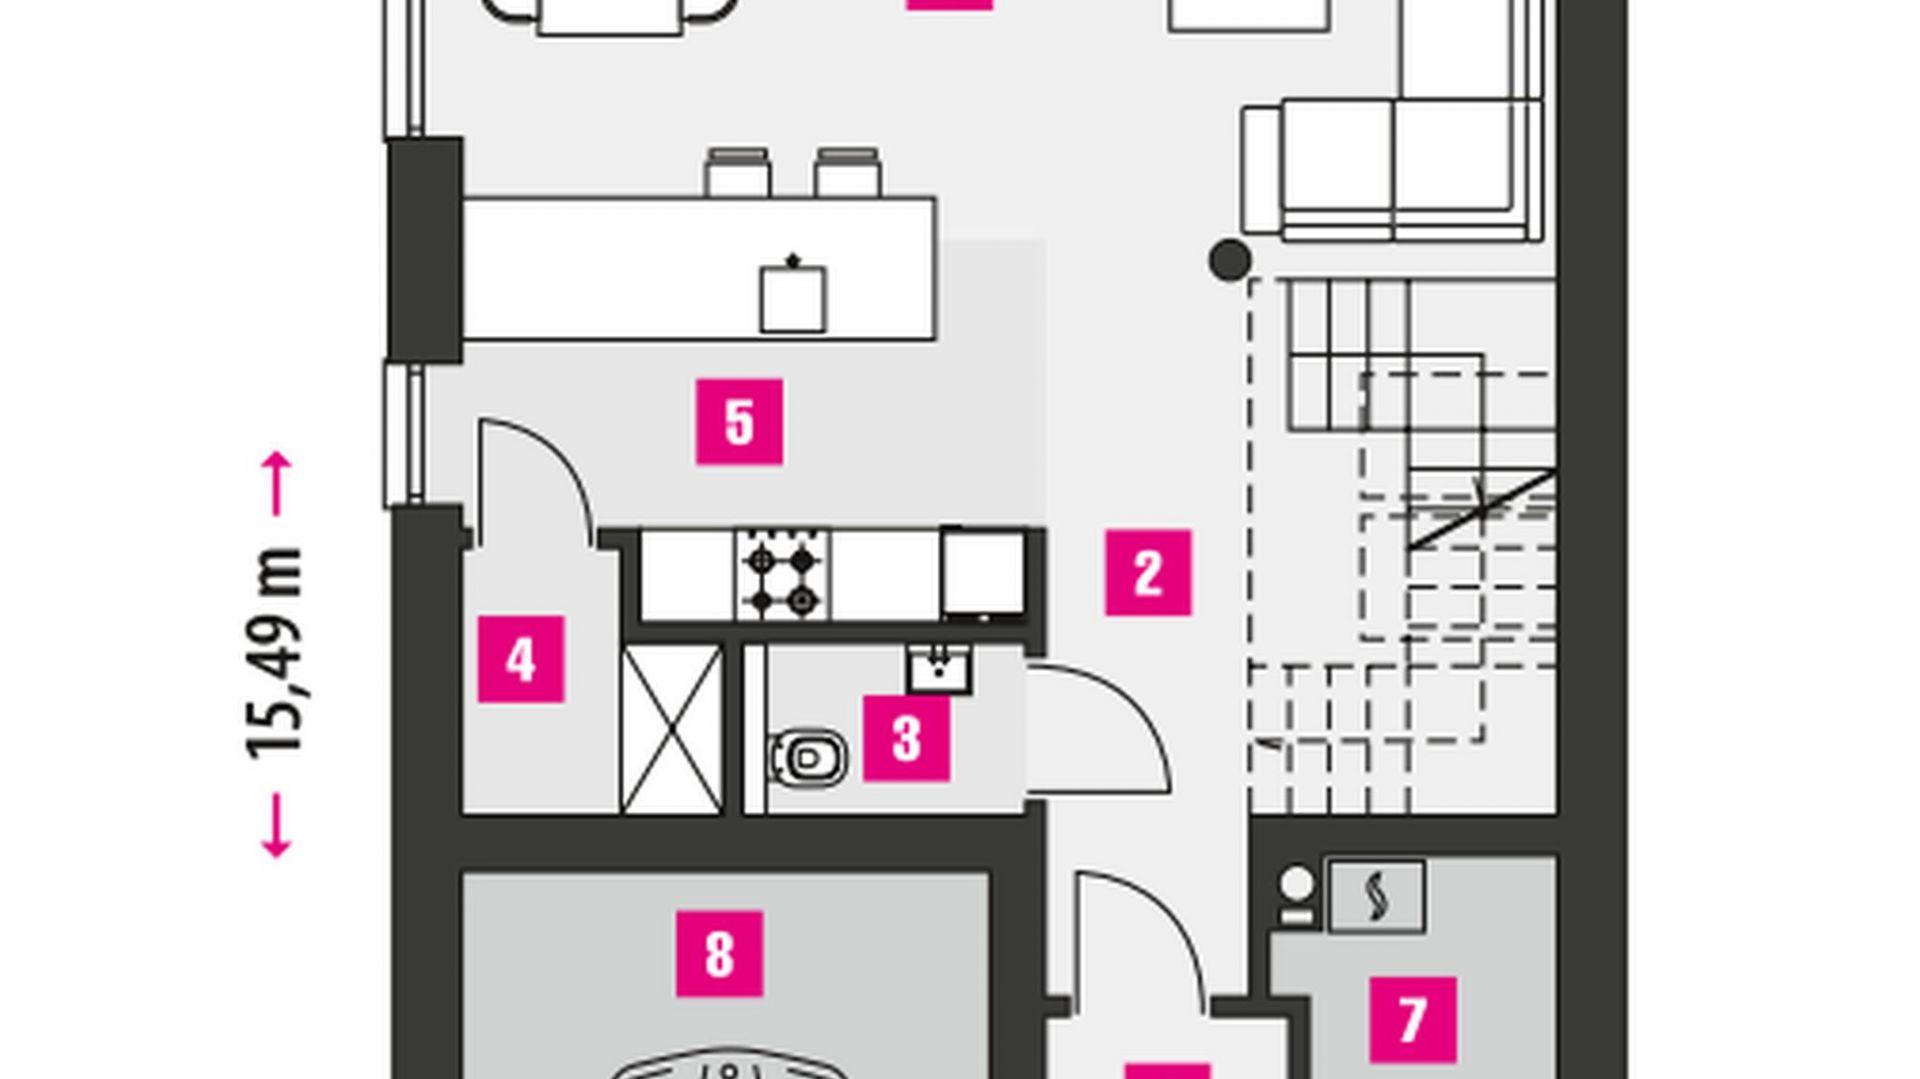 PARTER: 52,80 m2 1. wiatrołap – 5,20 m2 2. komunikacja – 8,40 m2 3. wc – 1,90 m2 4. pom. pomocnicze/spiżarnia – 2,30 m2 5. kuchnia – 6,90 m2 6. pokój dzienny + jadalnia – 28,10 m2 7. pom. pomocnicze/kotłownia* – 2,80 m2 8. garaż* – 19,70 m2